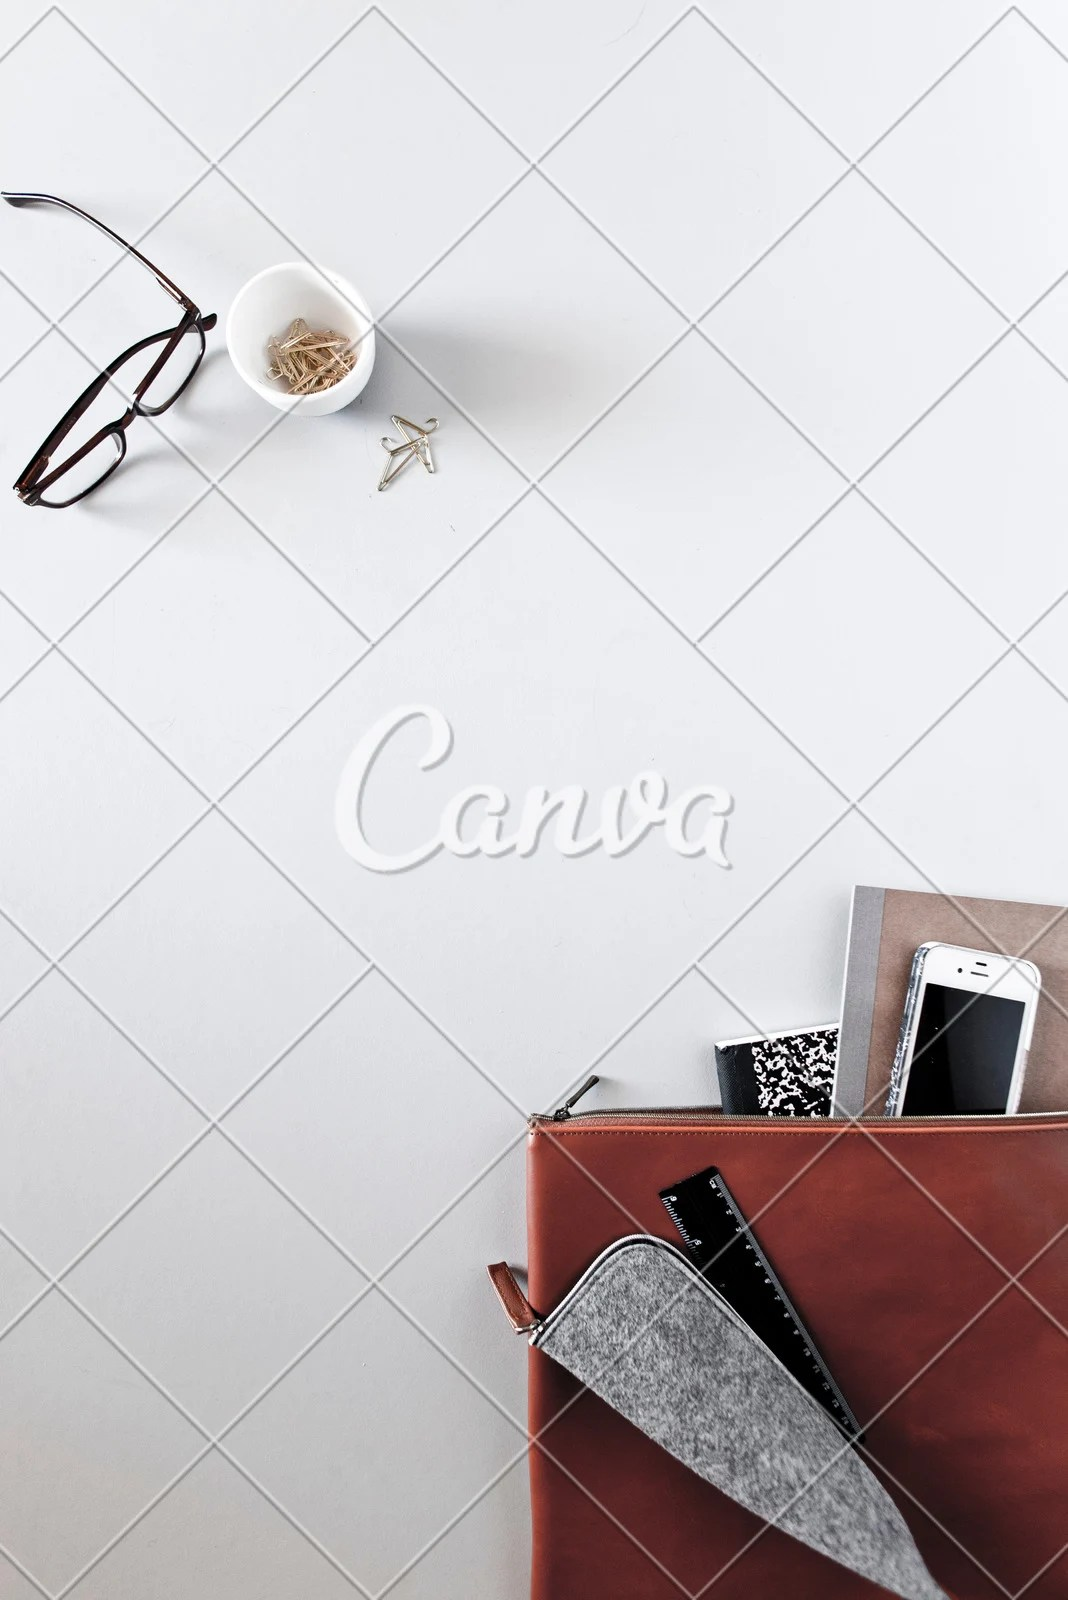 minimalist desk objects on